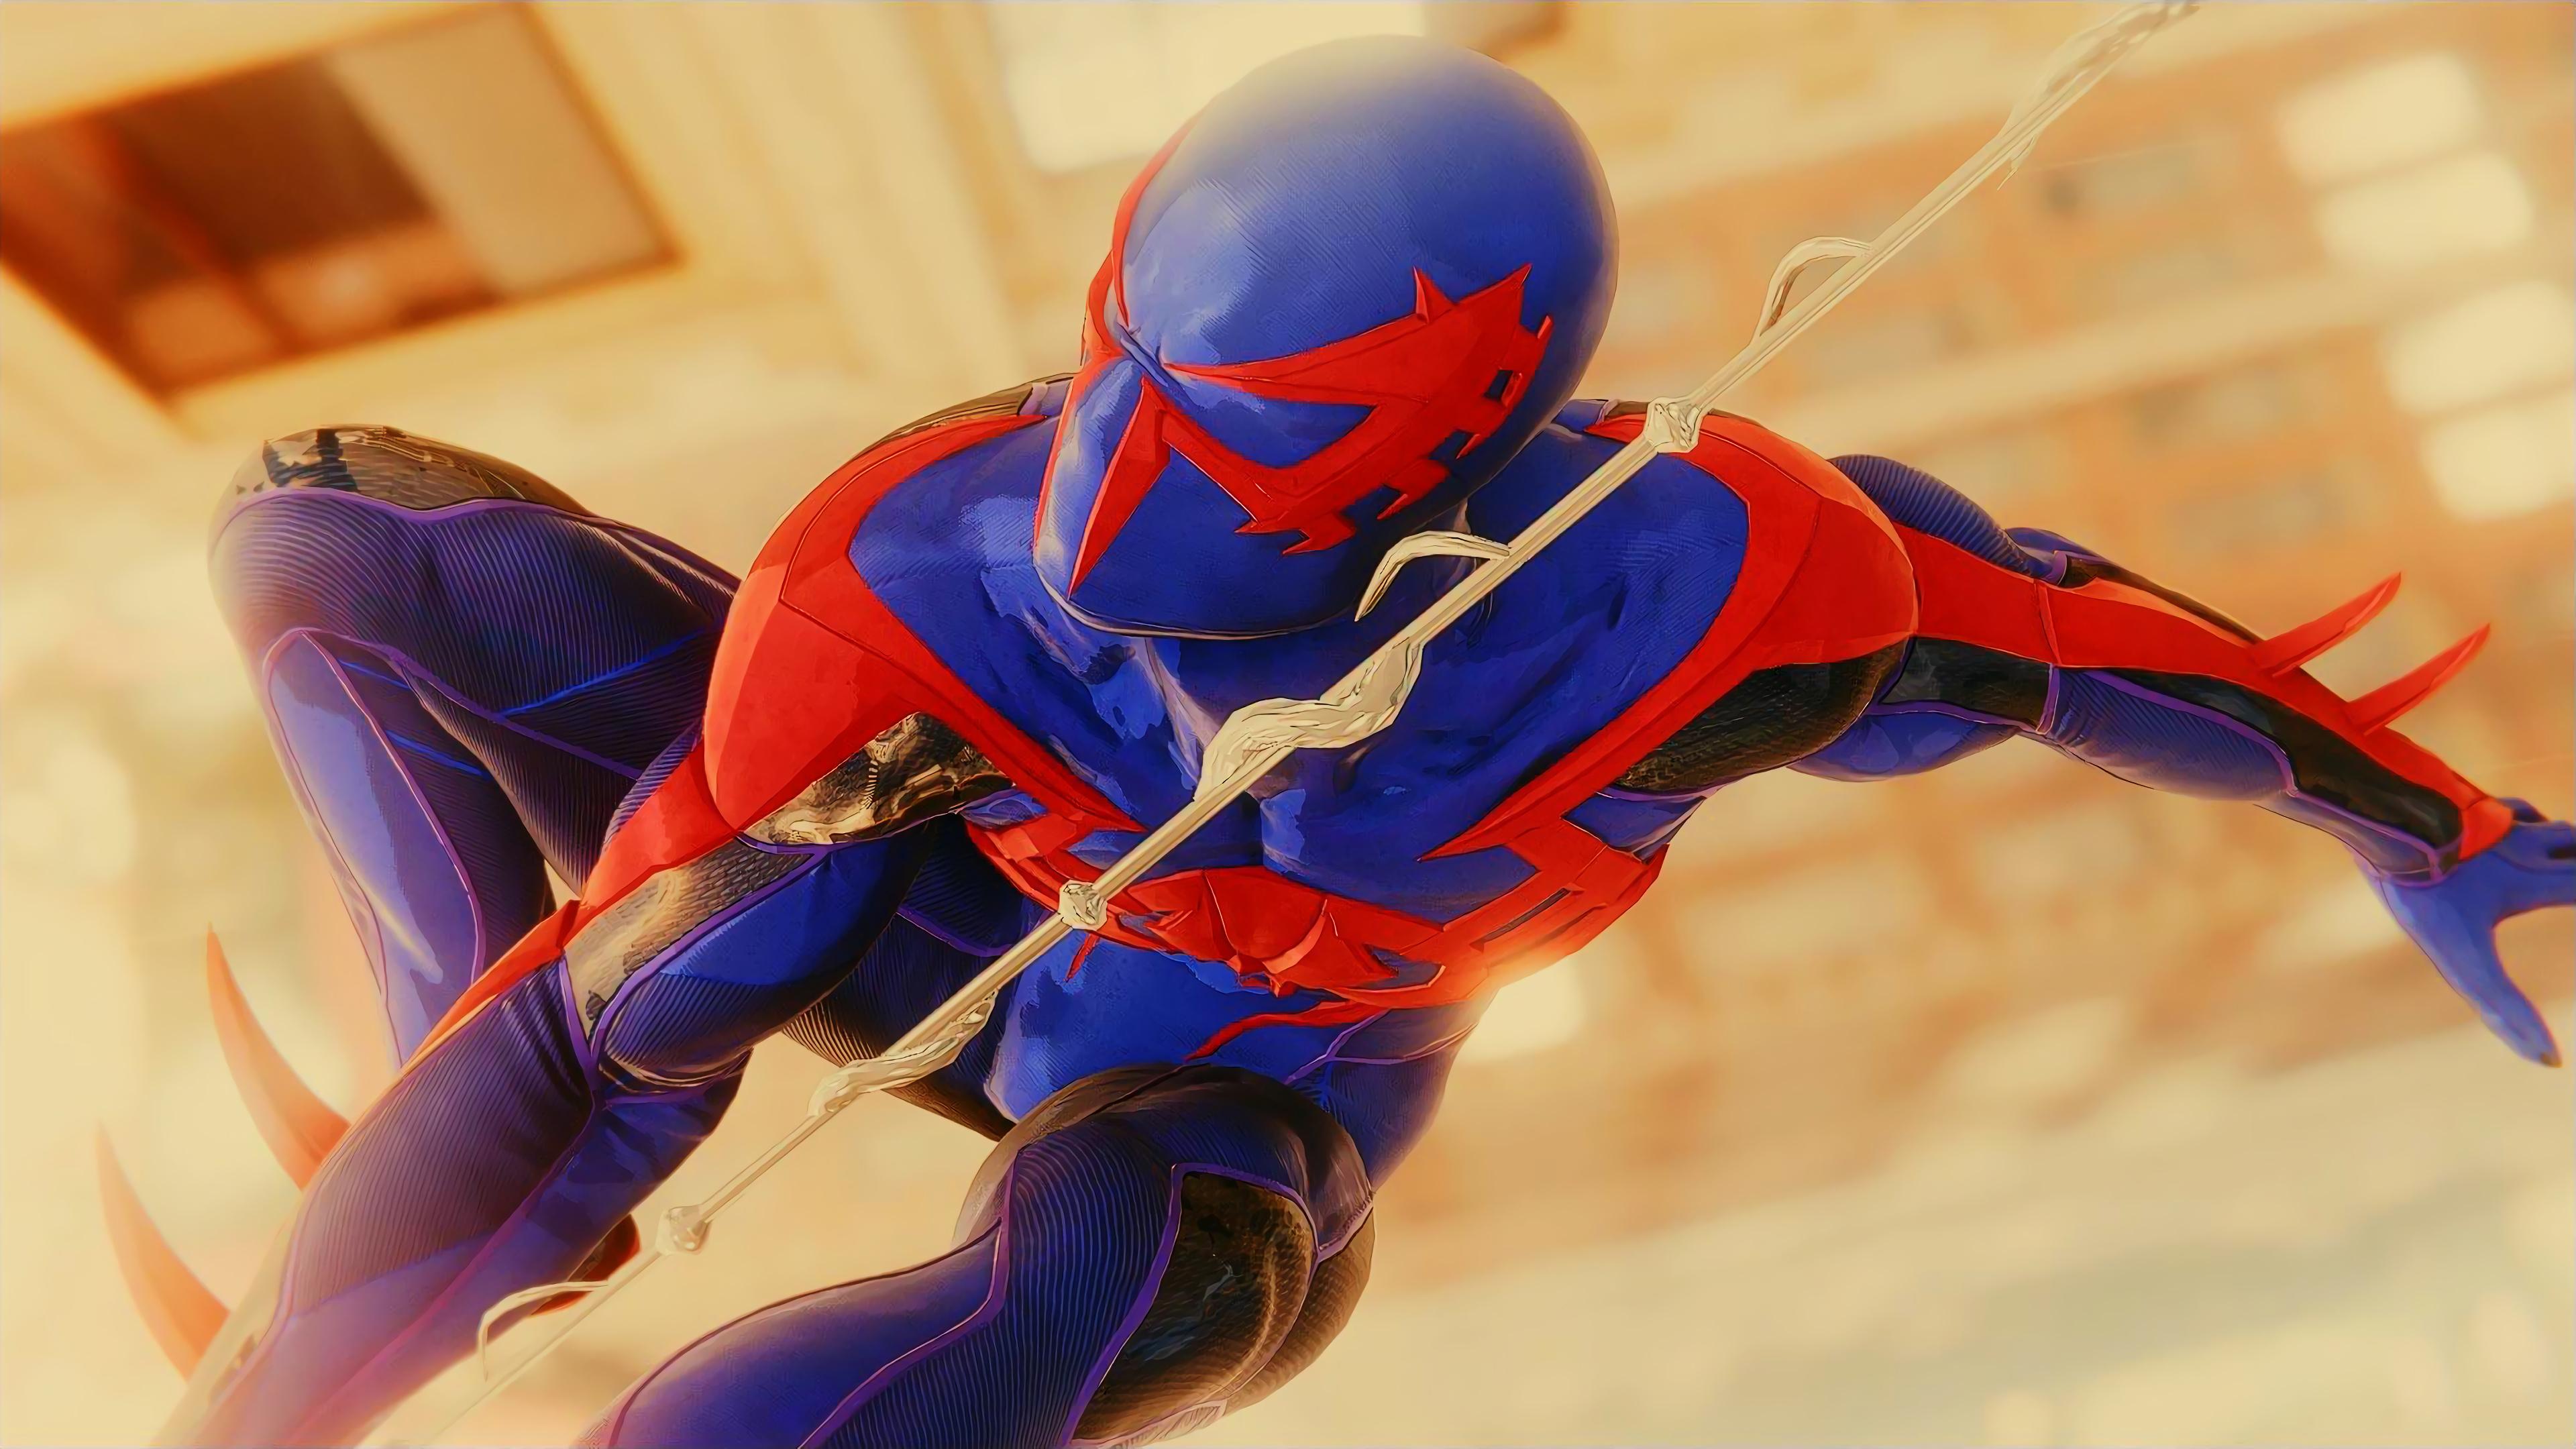 Fondos de pantalla El hombre araña nuevo traje